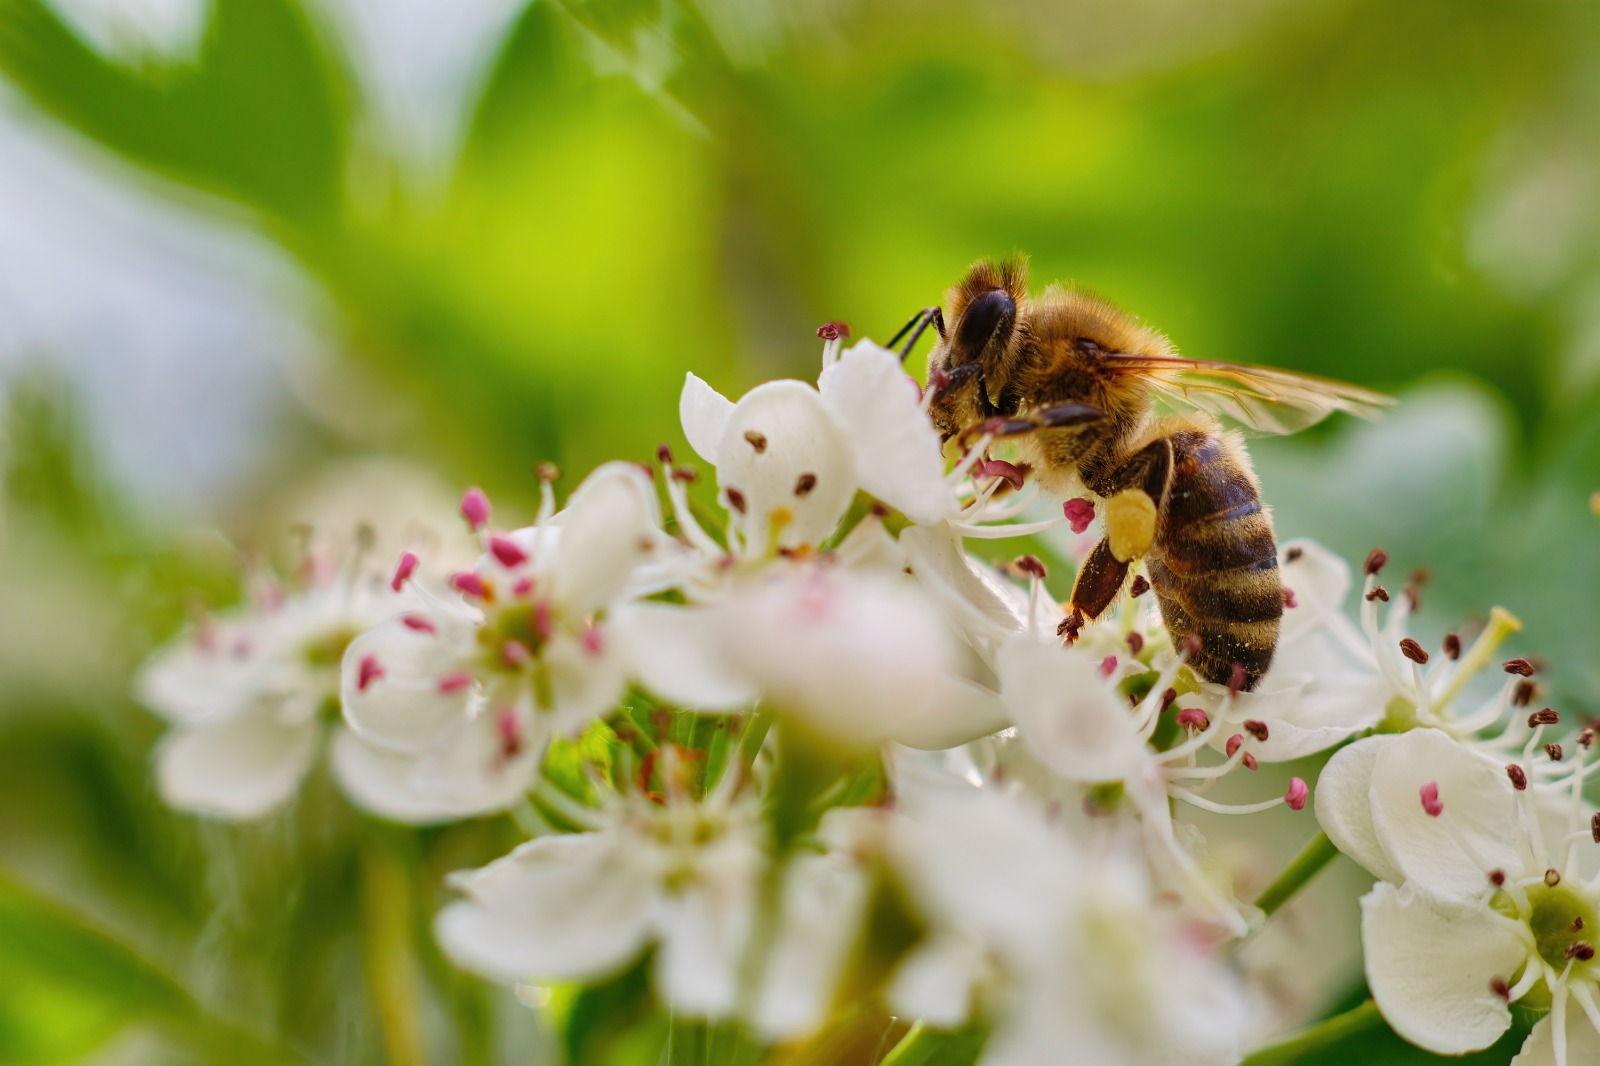 Welche Bäume sind für Bienen, Schmetterlinge und andere Insekten besonders geeignet?